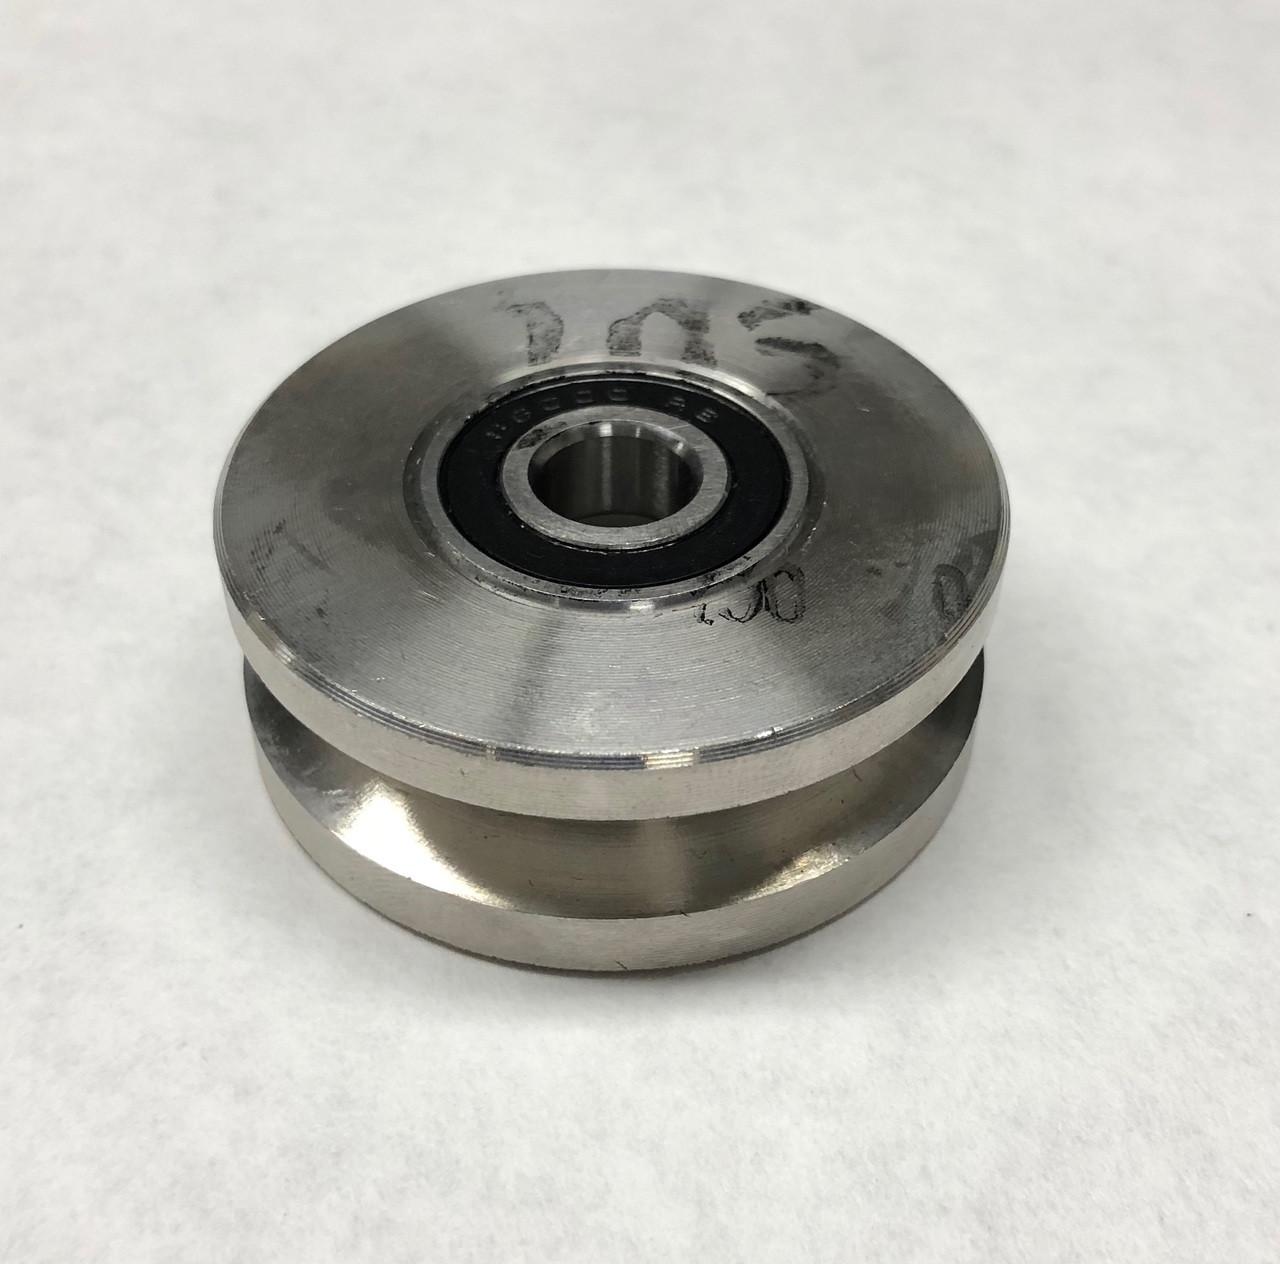 ProCut KSP-116,KS-116 & KS-120 - Stainless Steel Wheels - M573165